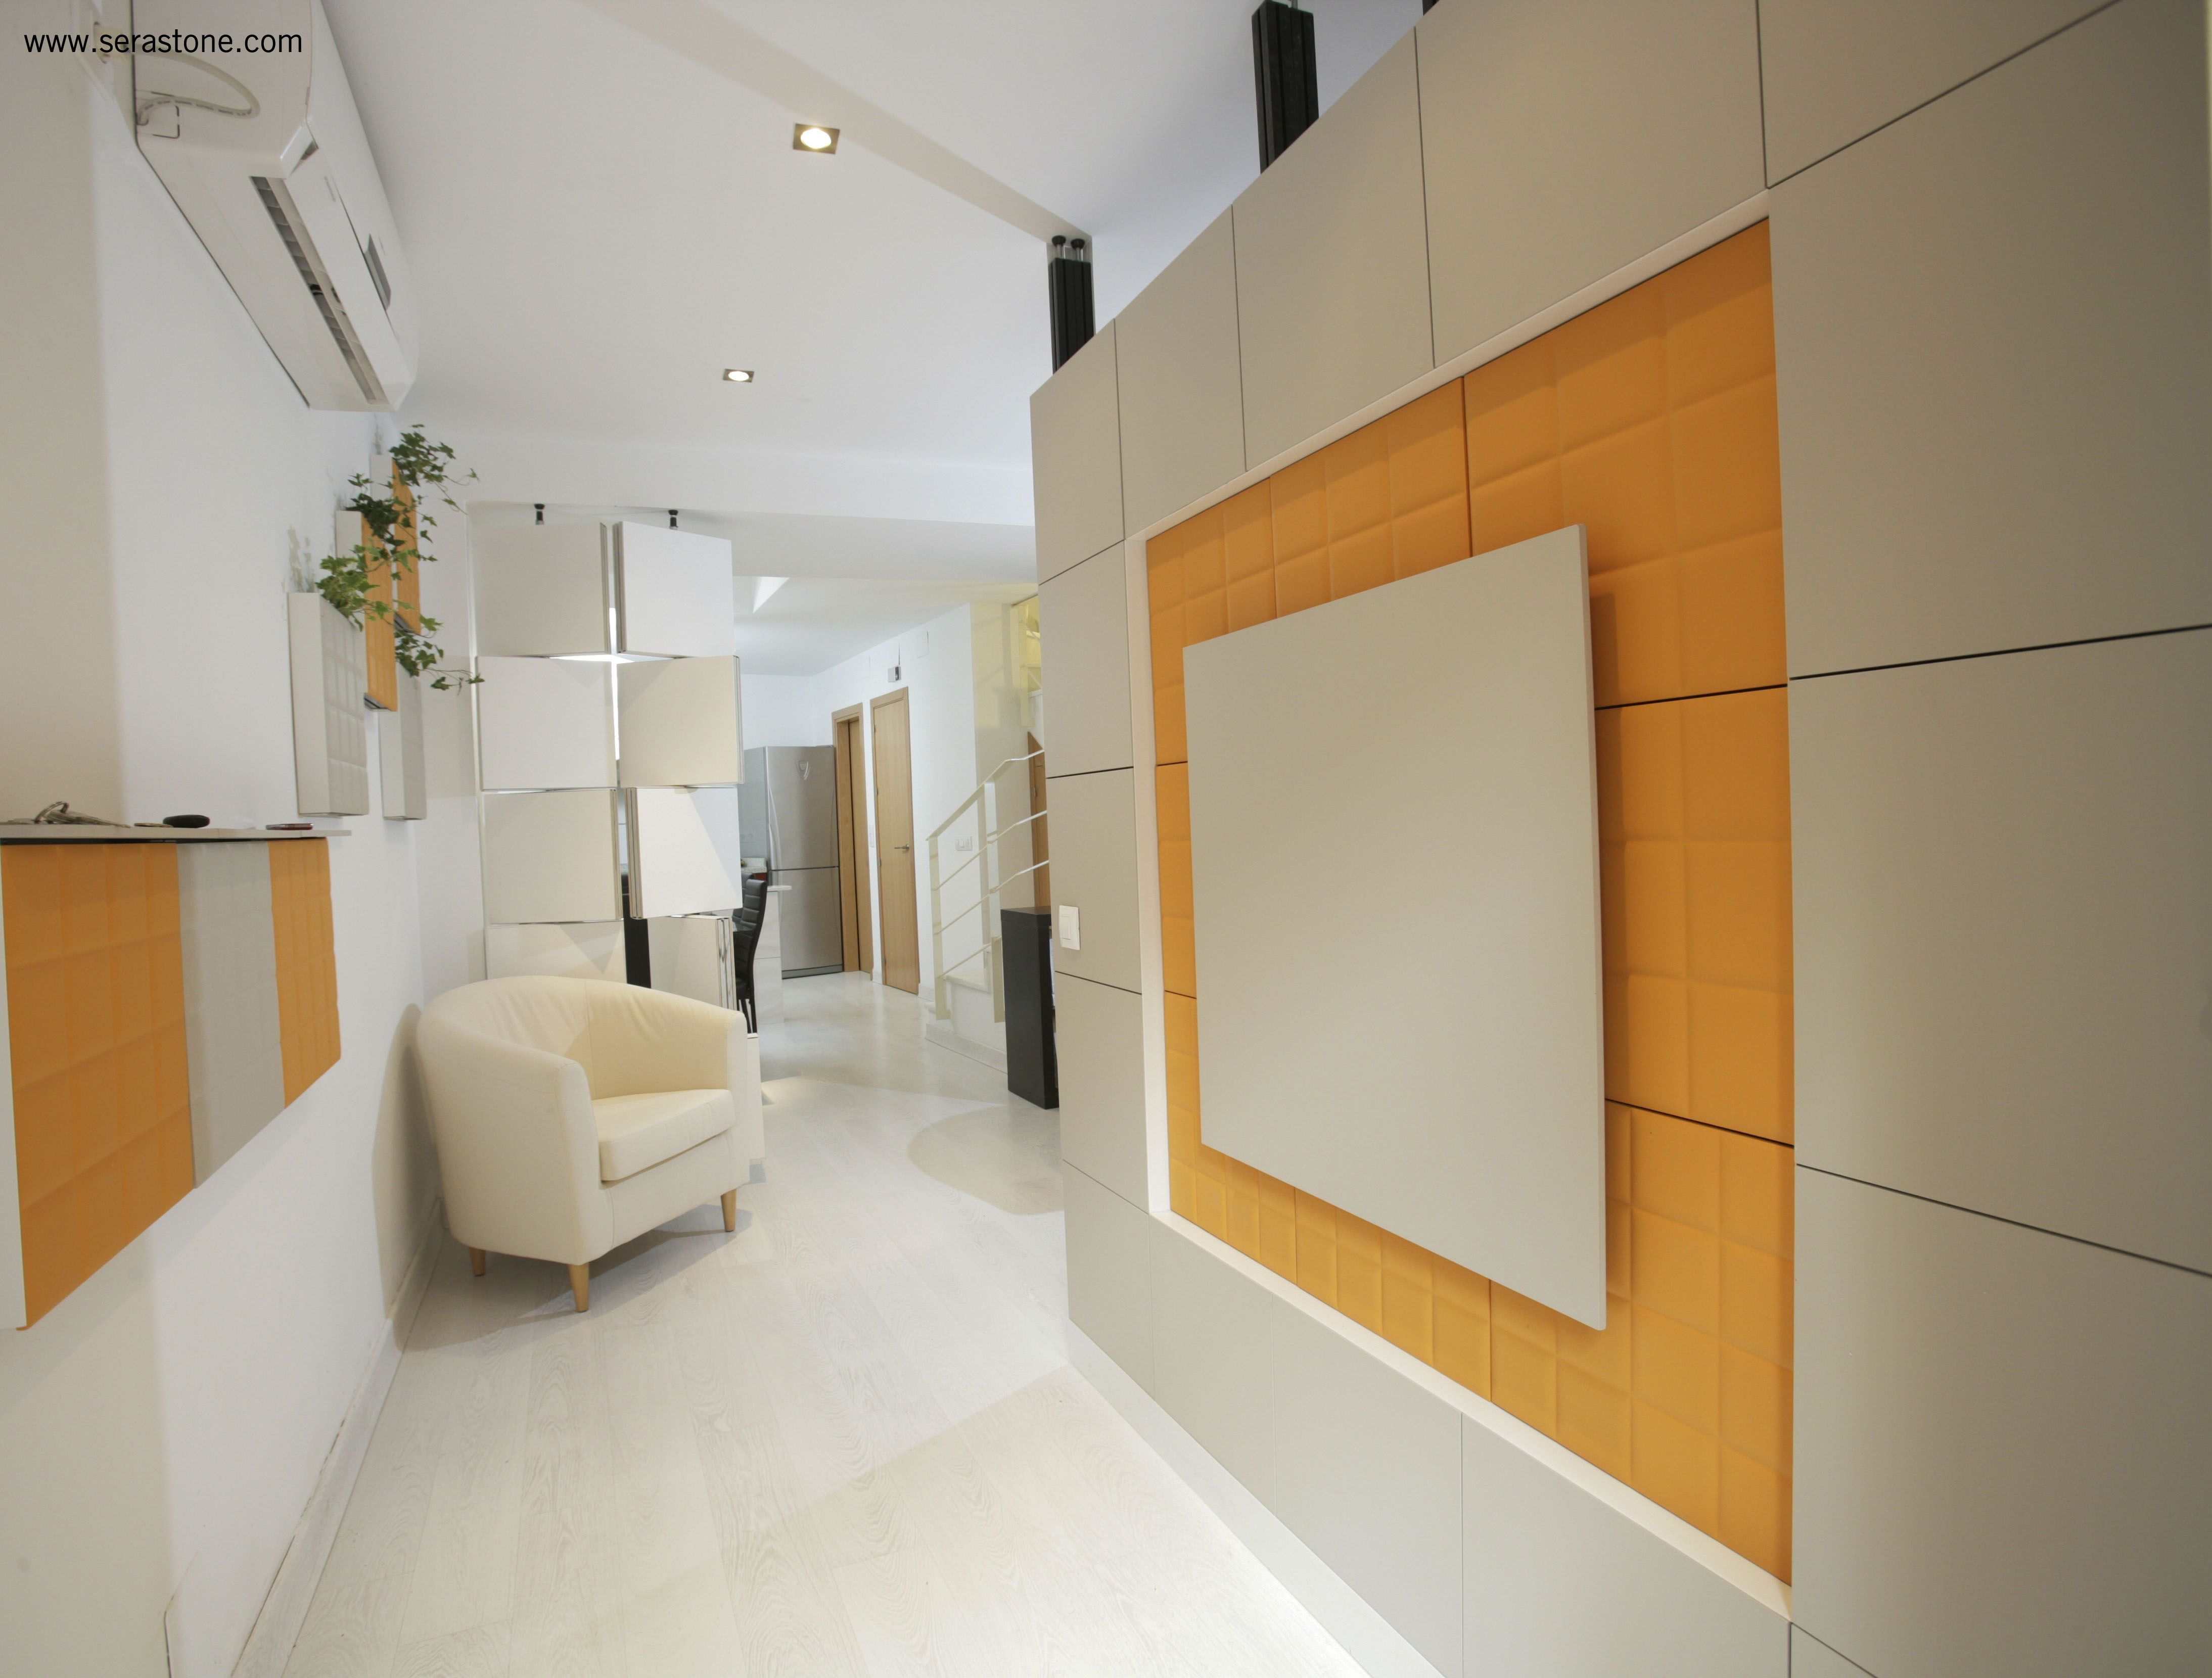 Tabique separador de ambientes a la entrada de un hogar - Separador de ambientes ...